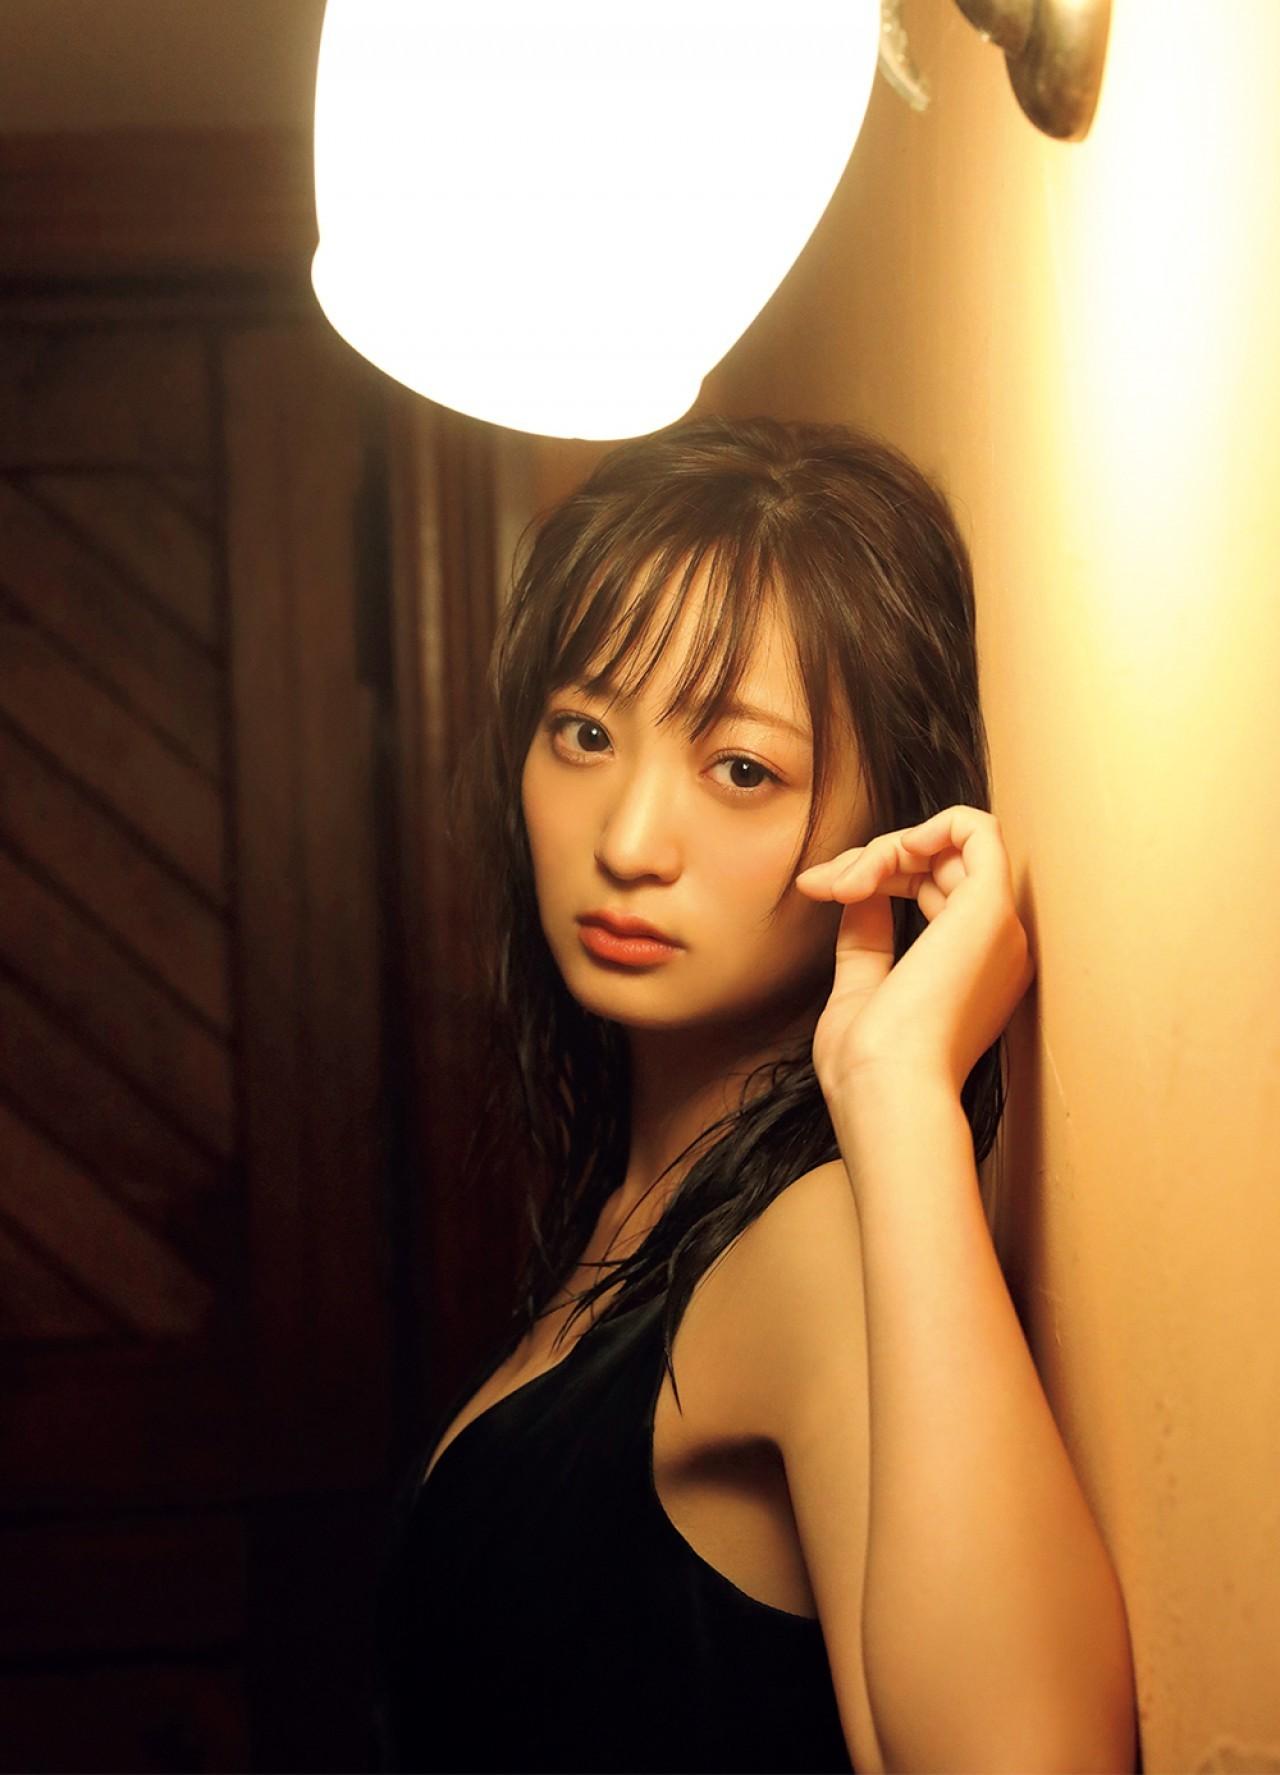 和田瞳 初公開 フルヌード エロ画像 009